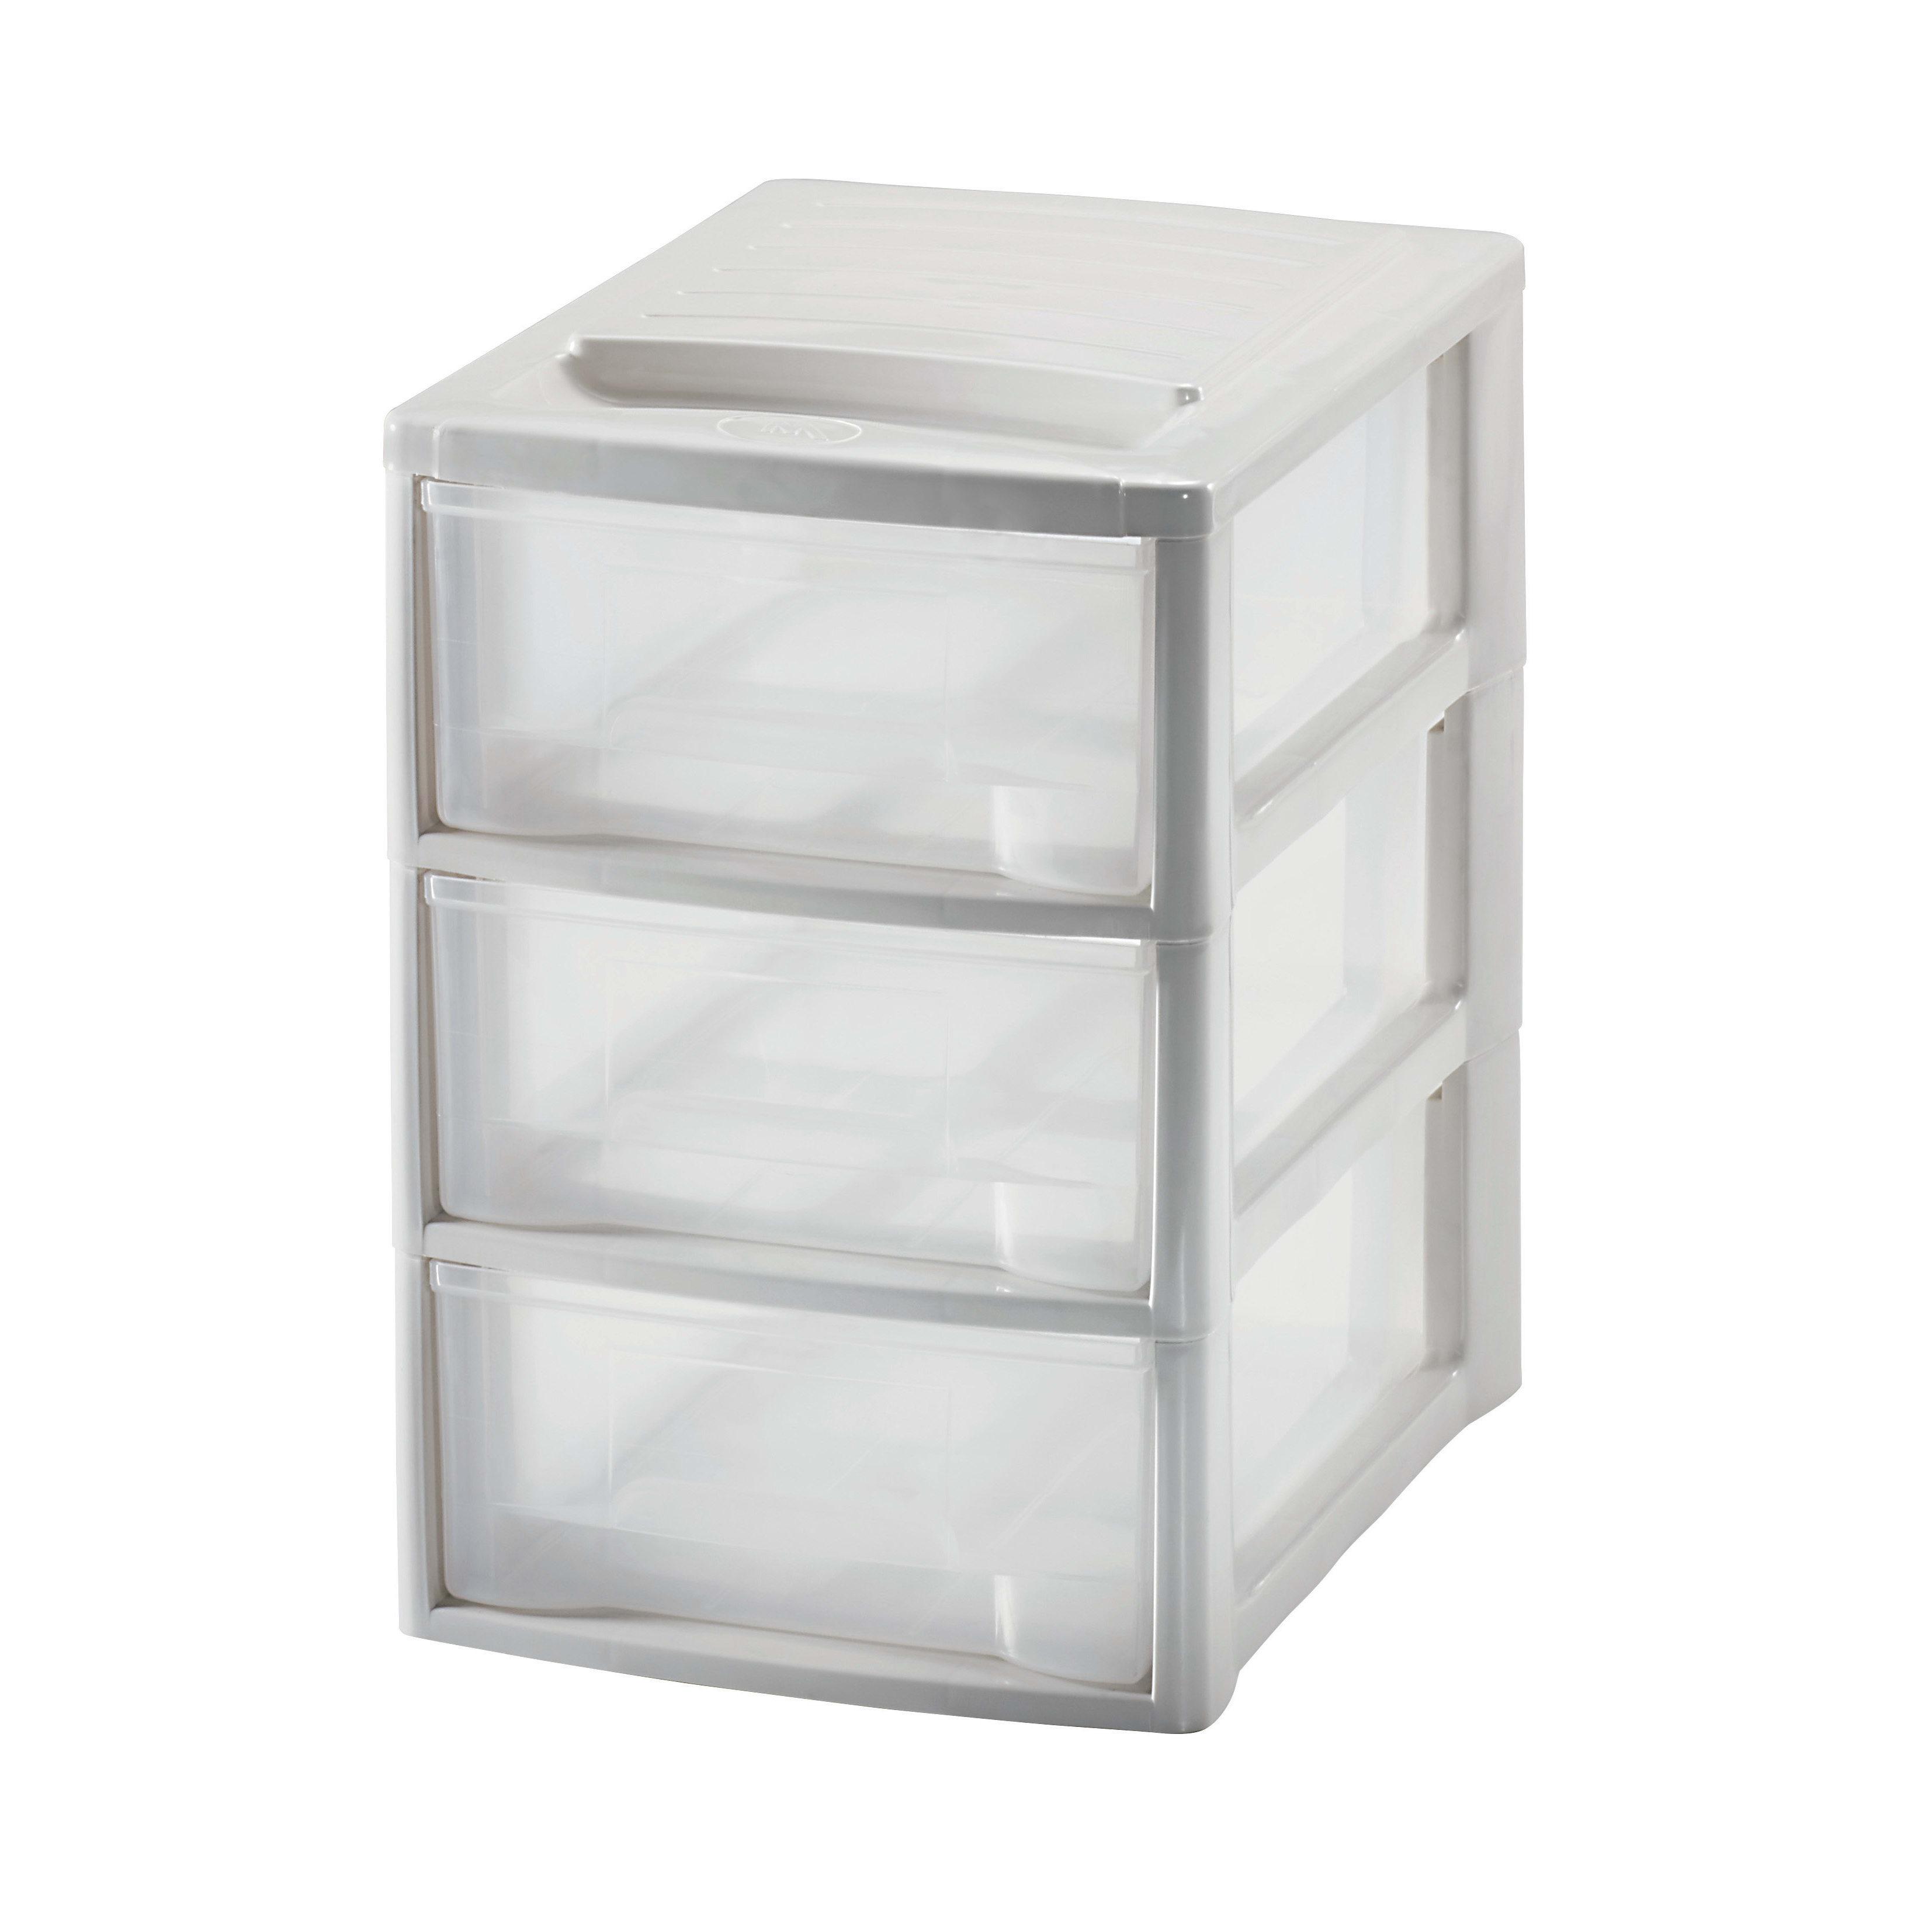 Cassettiere Per Armadi In Plastica.Cassettiera L 19 5 X P 26 X H 28 5 Cm Bianco Prezzi E Offerte